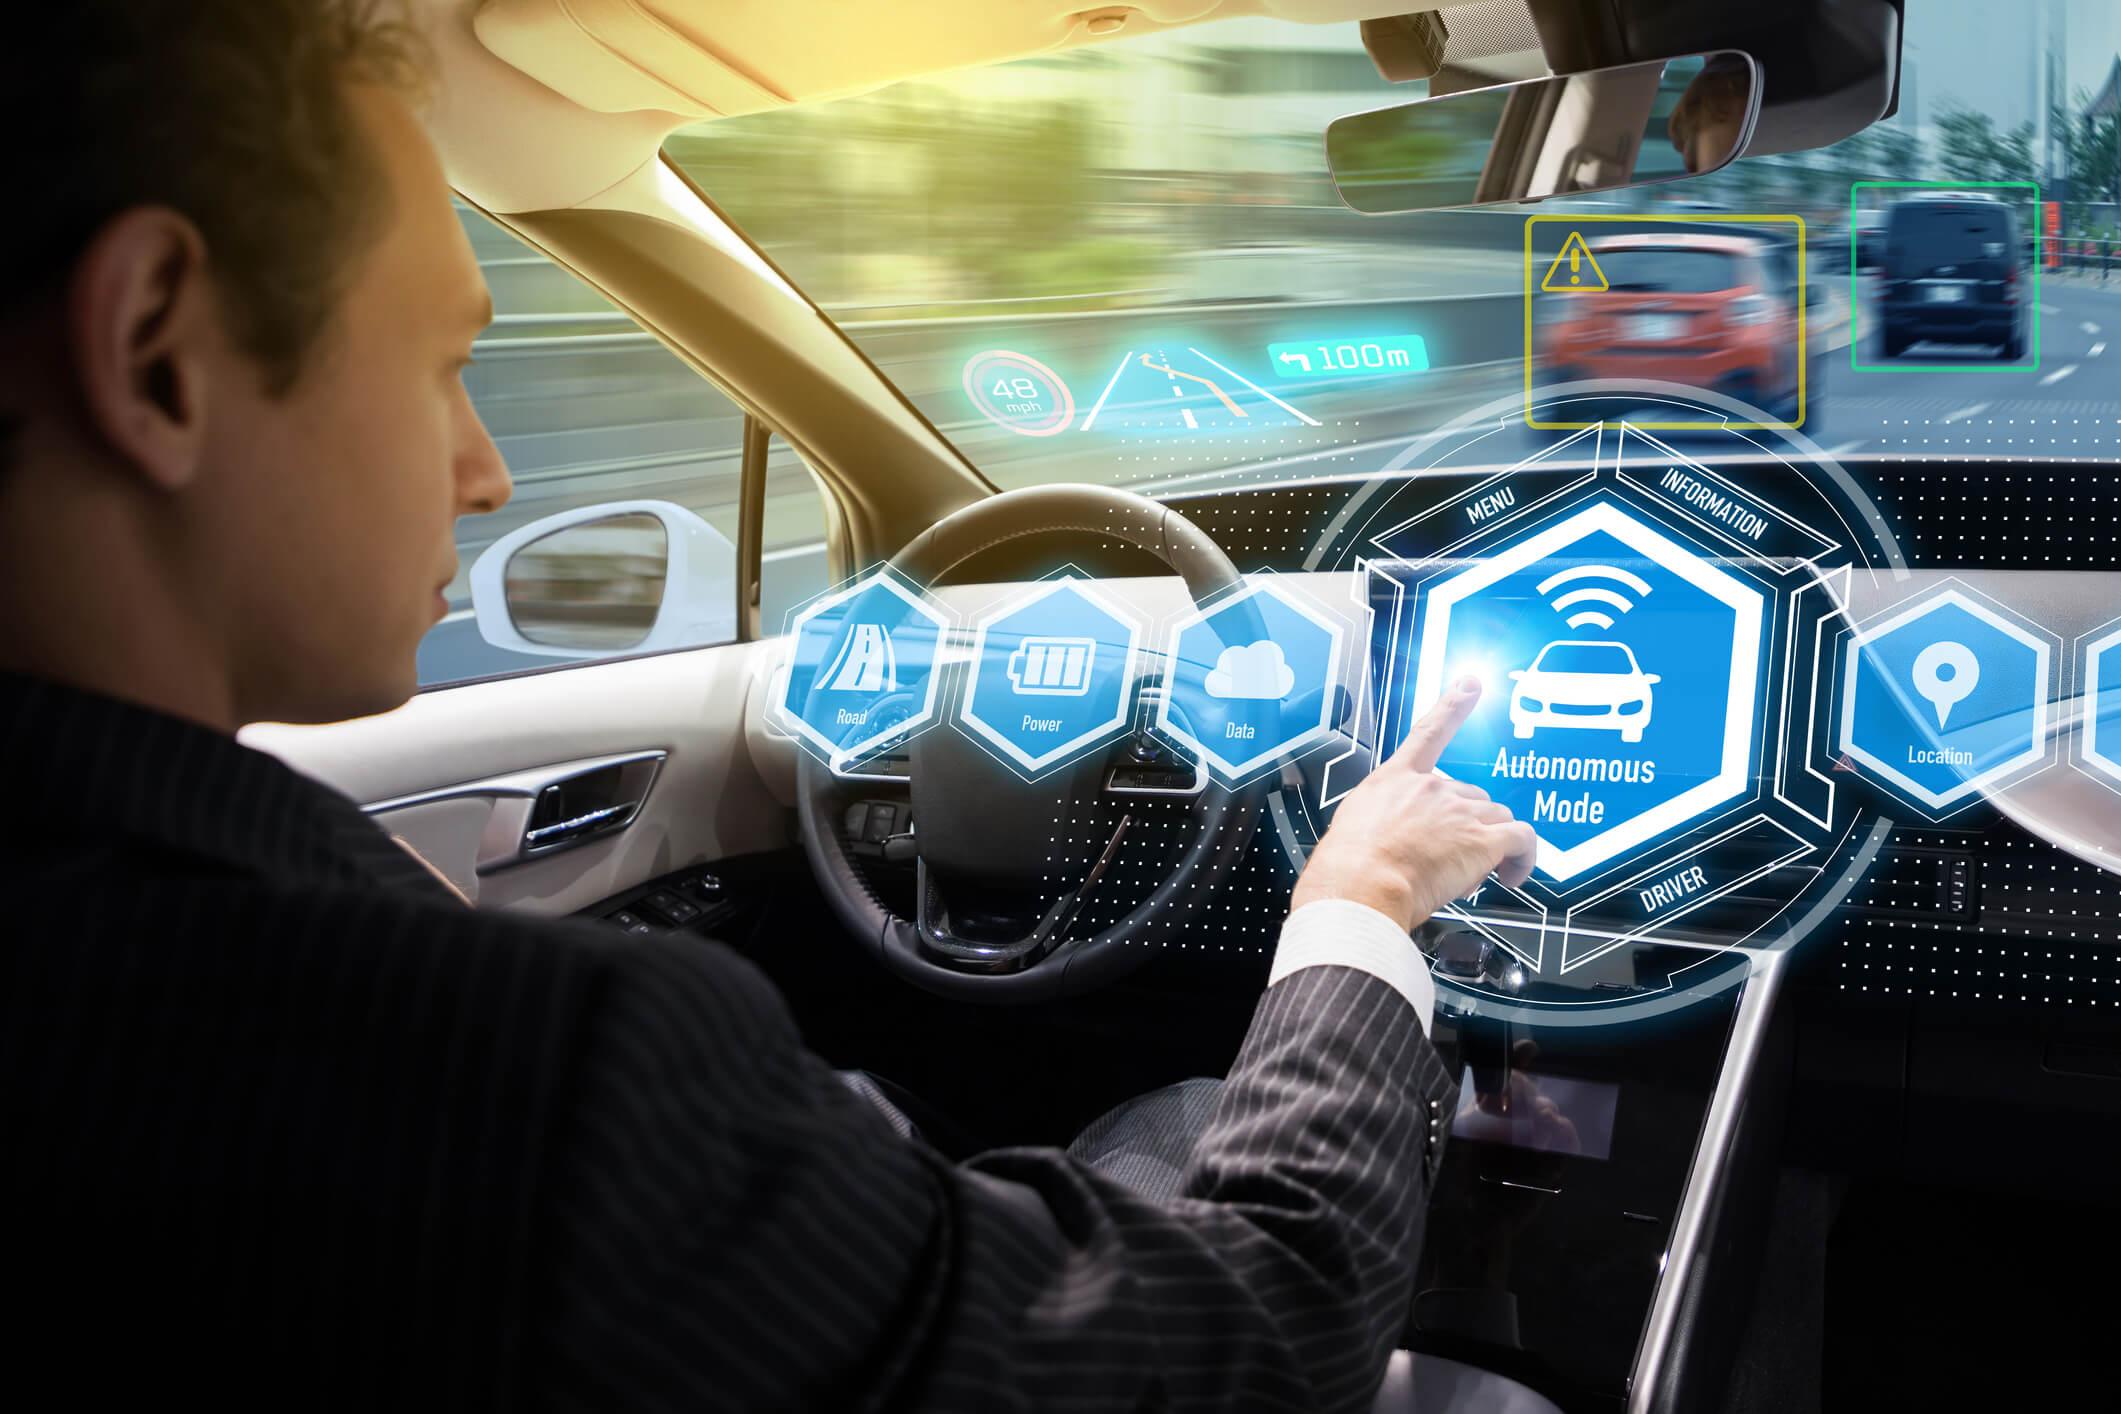 Novas tecnologias continuarão exigindo atenção humana para reduzir acidentes nas rodovias